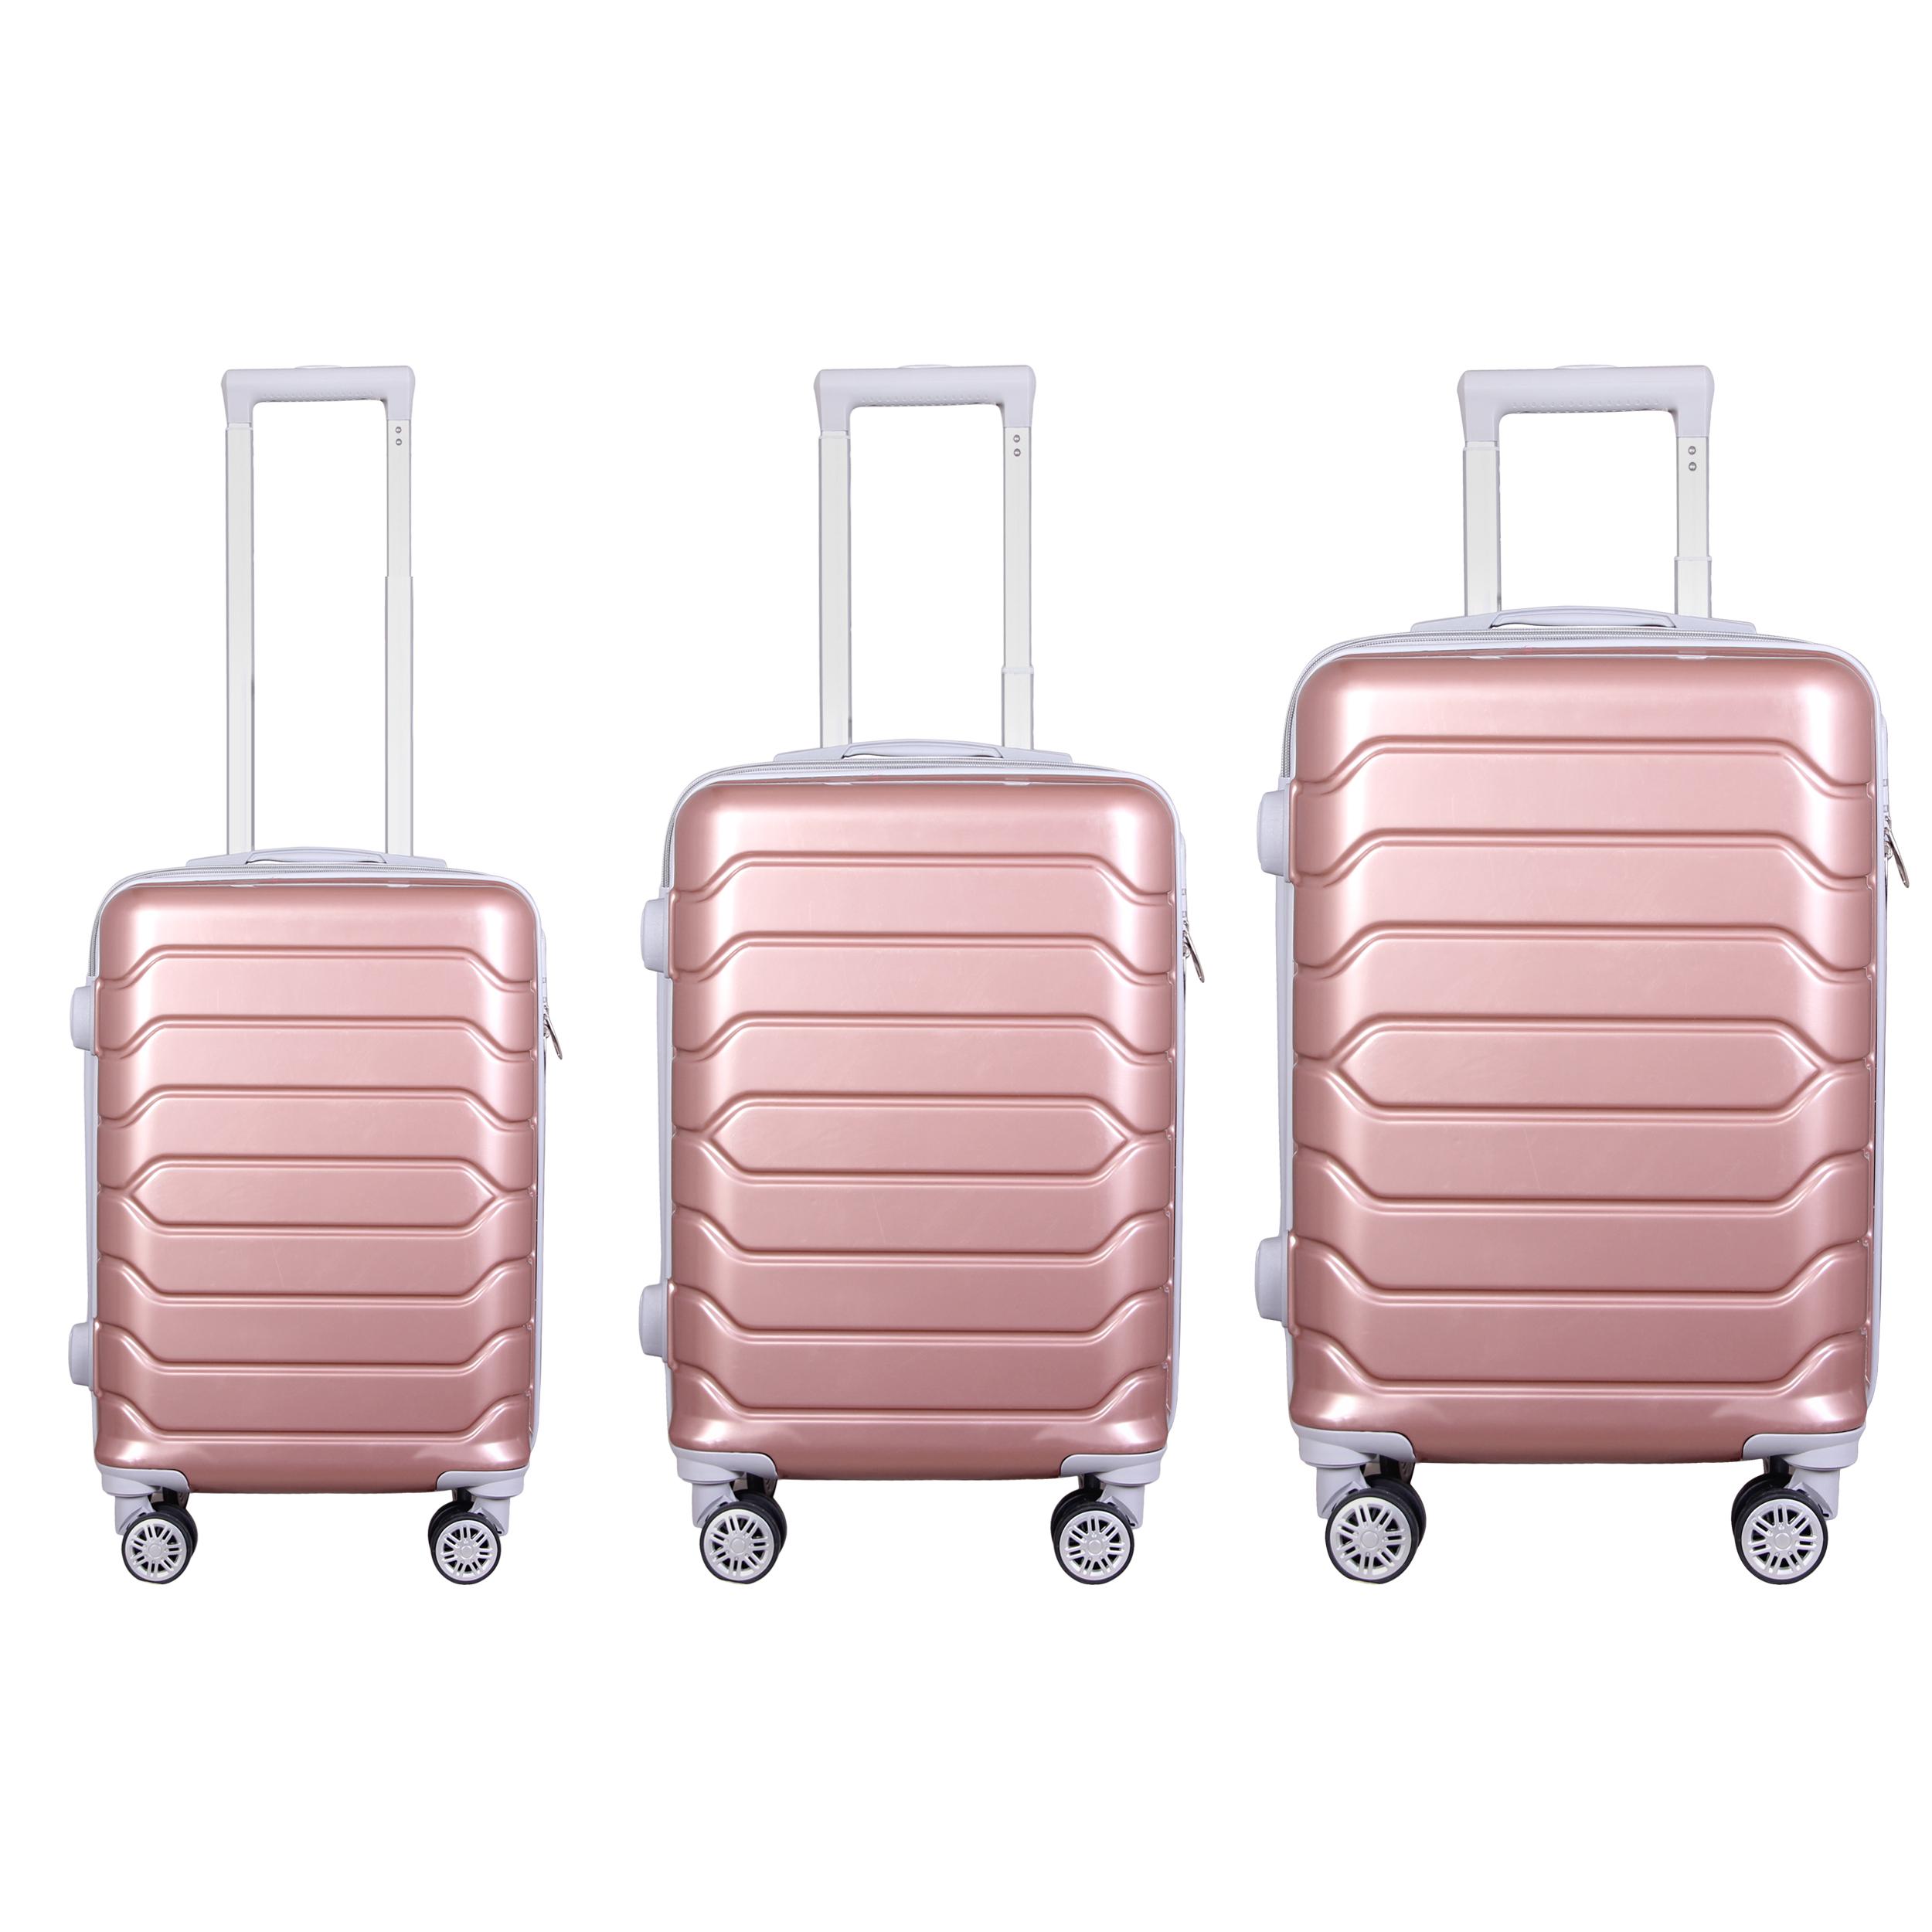 مجموعه سه عددی چمدان مدل 20020 main 1 4